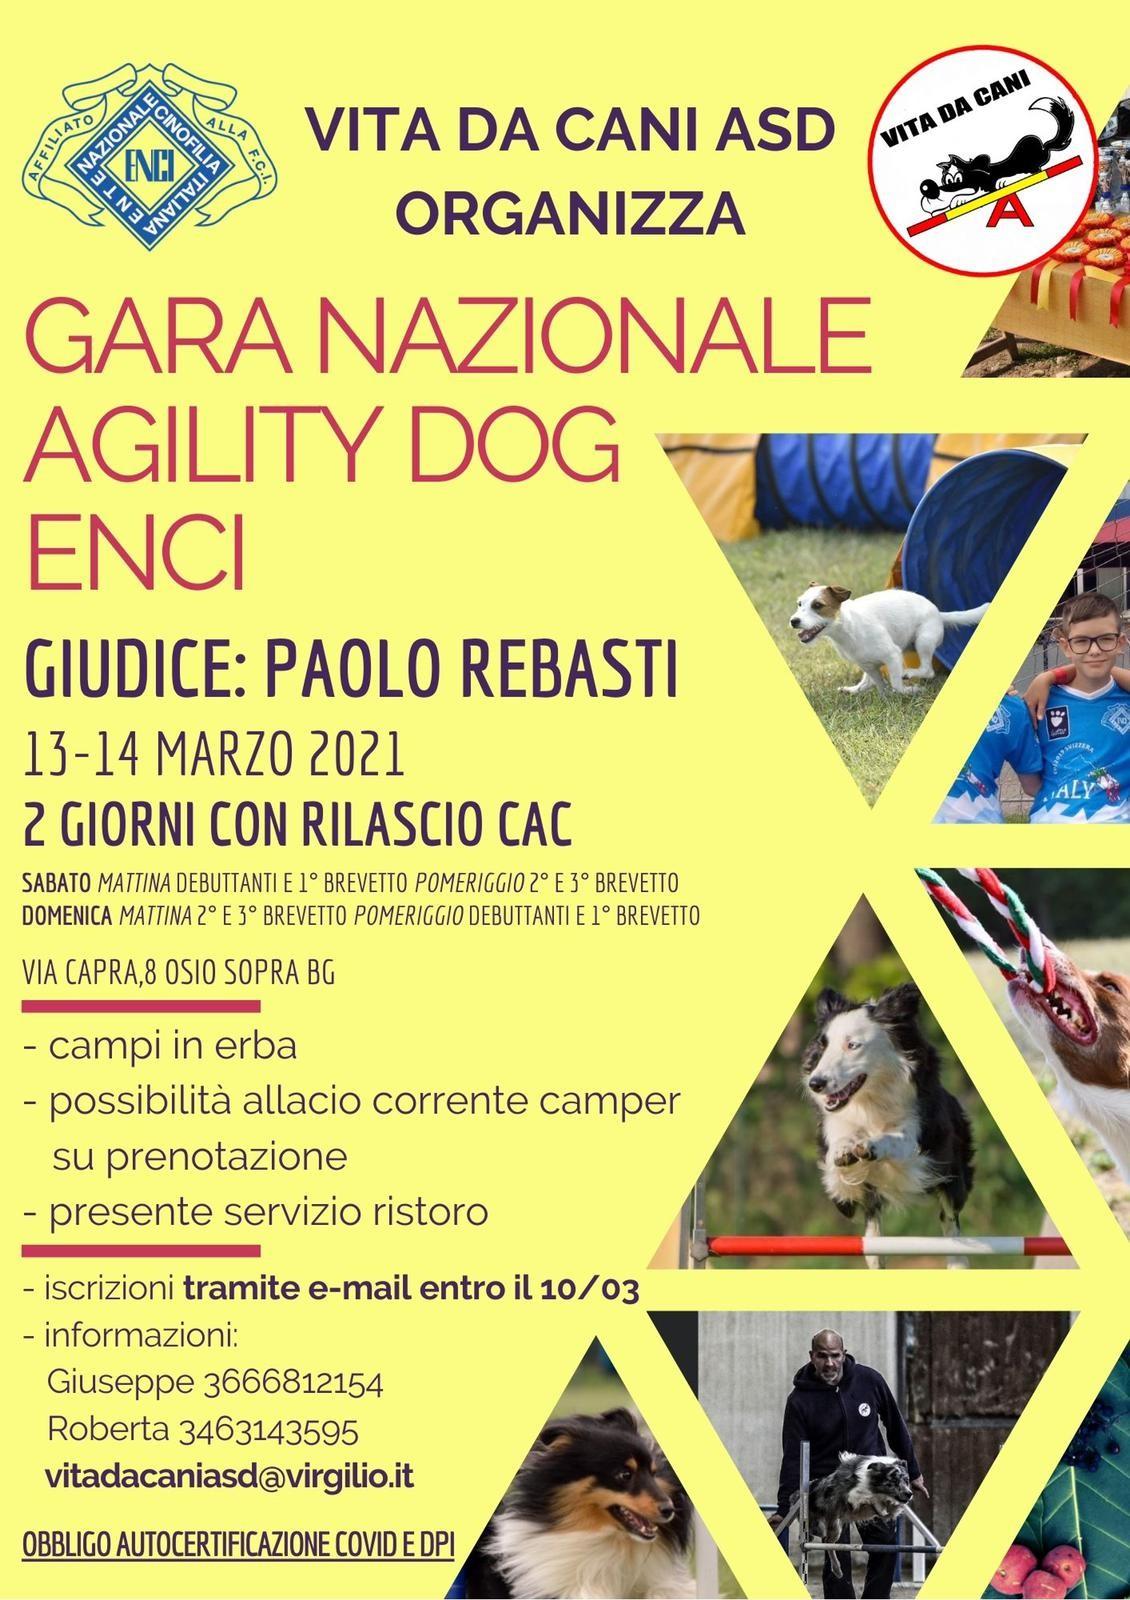 GARA NAZIONALE DI AGILITY DOG 14 MARZO 2021